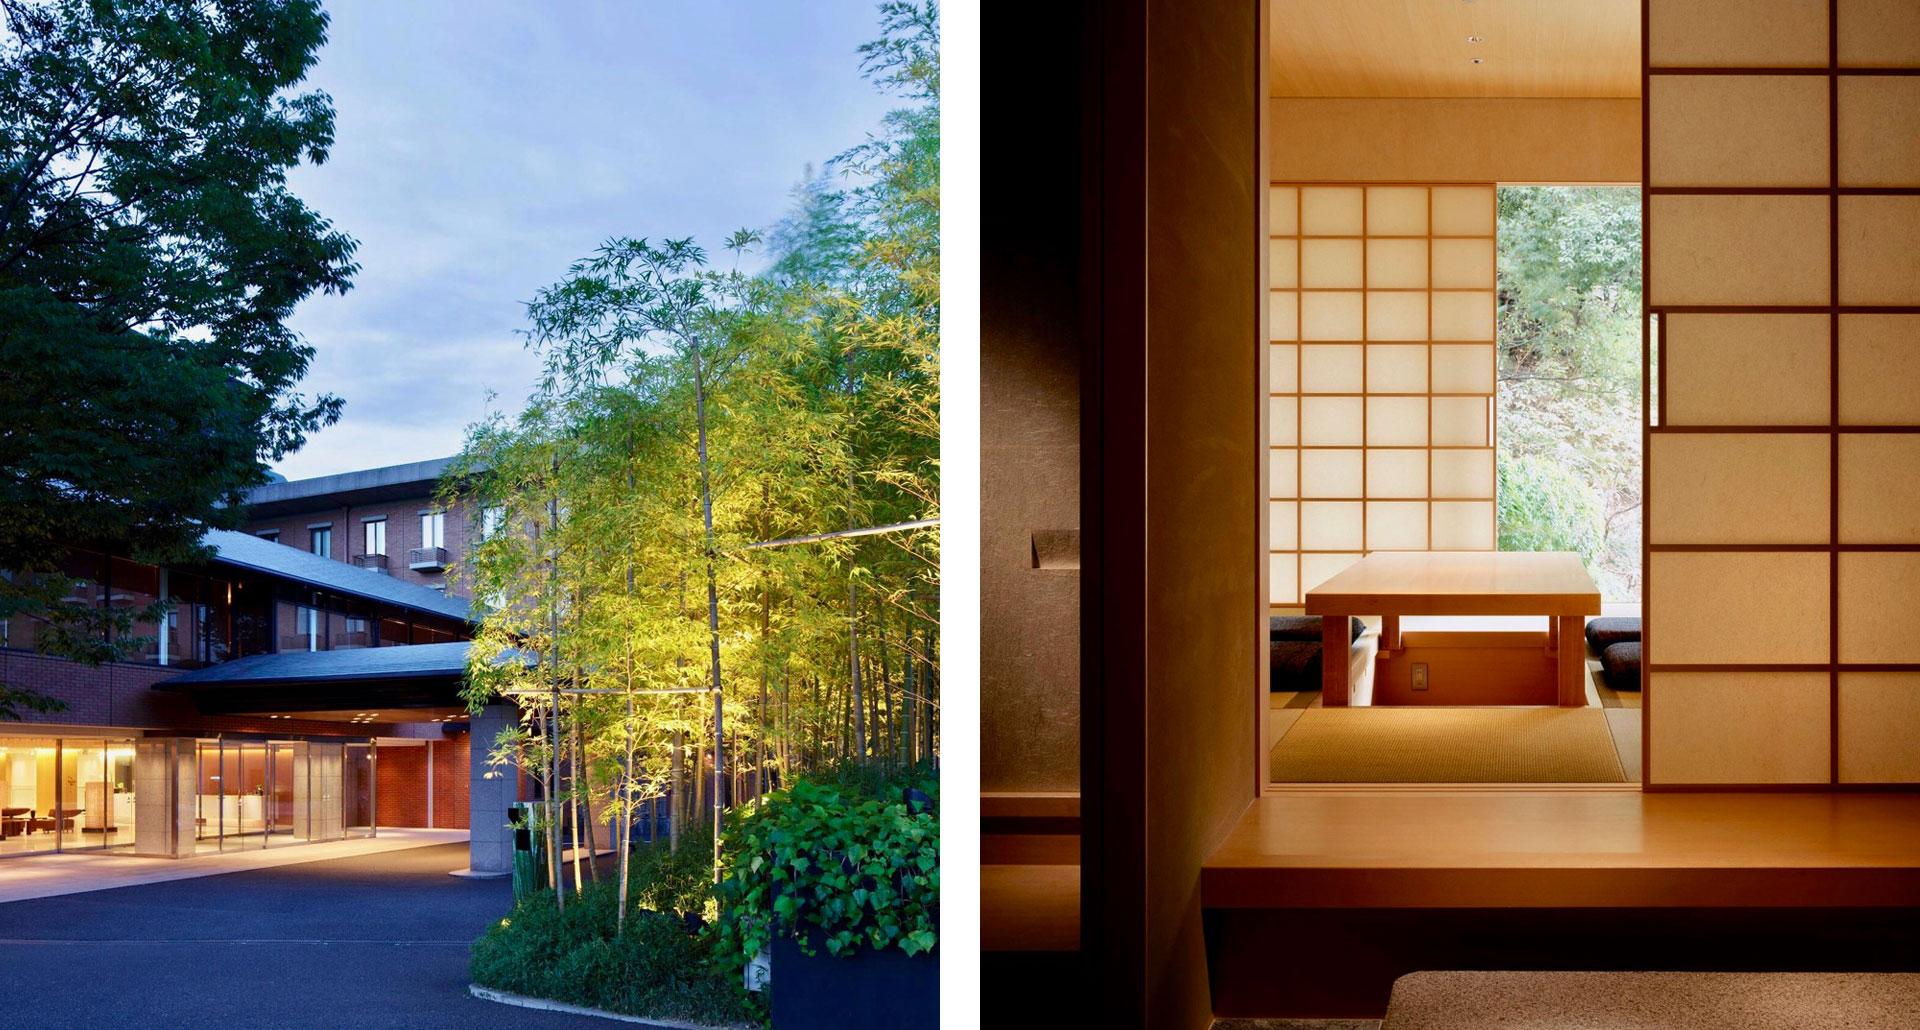 Hotel Regency Kyoto - boutique hotel in Kyoto